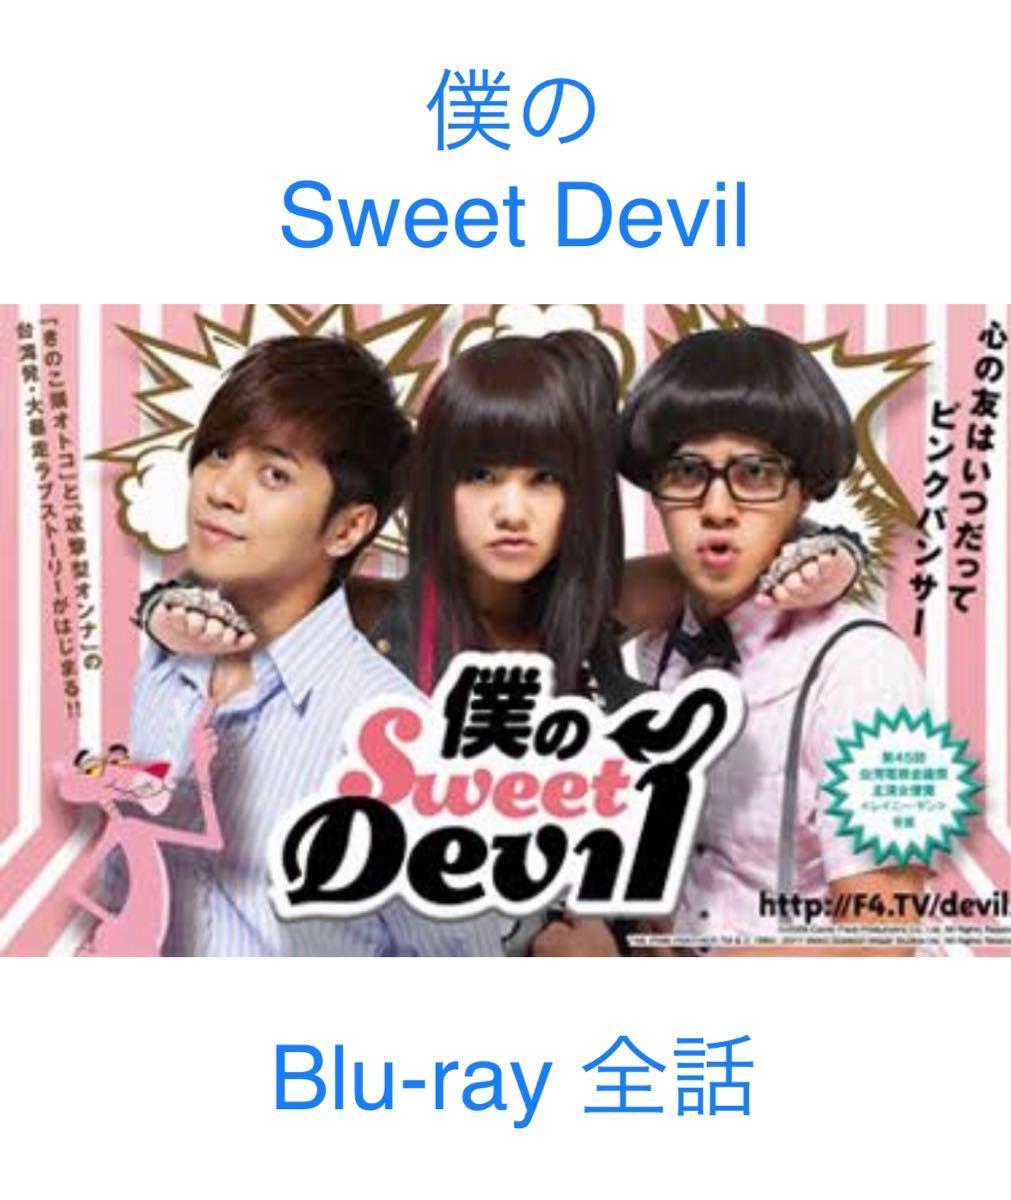 僕のSweet Devil Blu-ray 全話